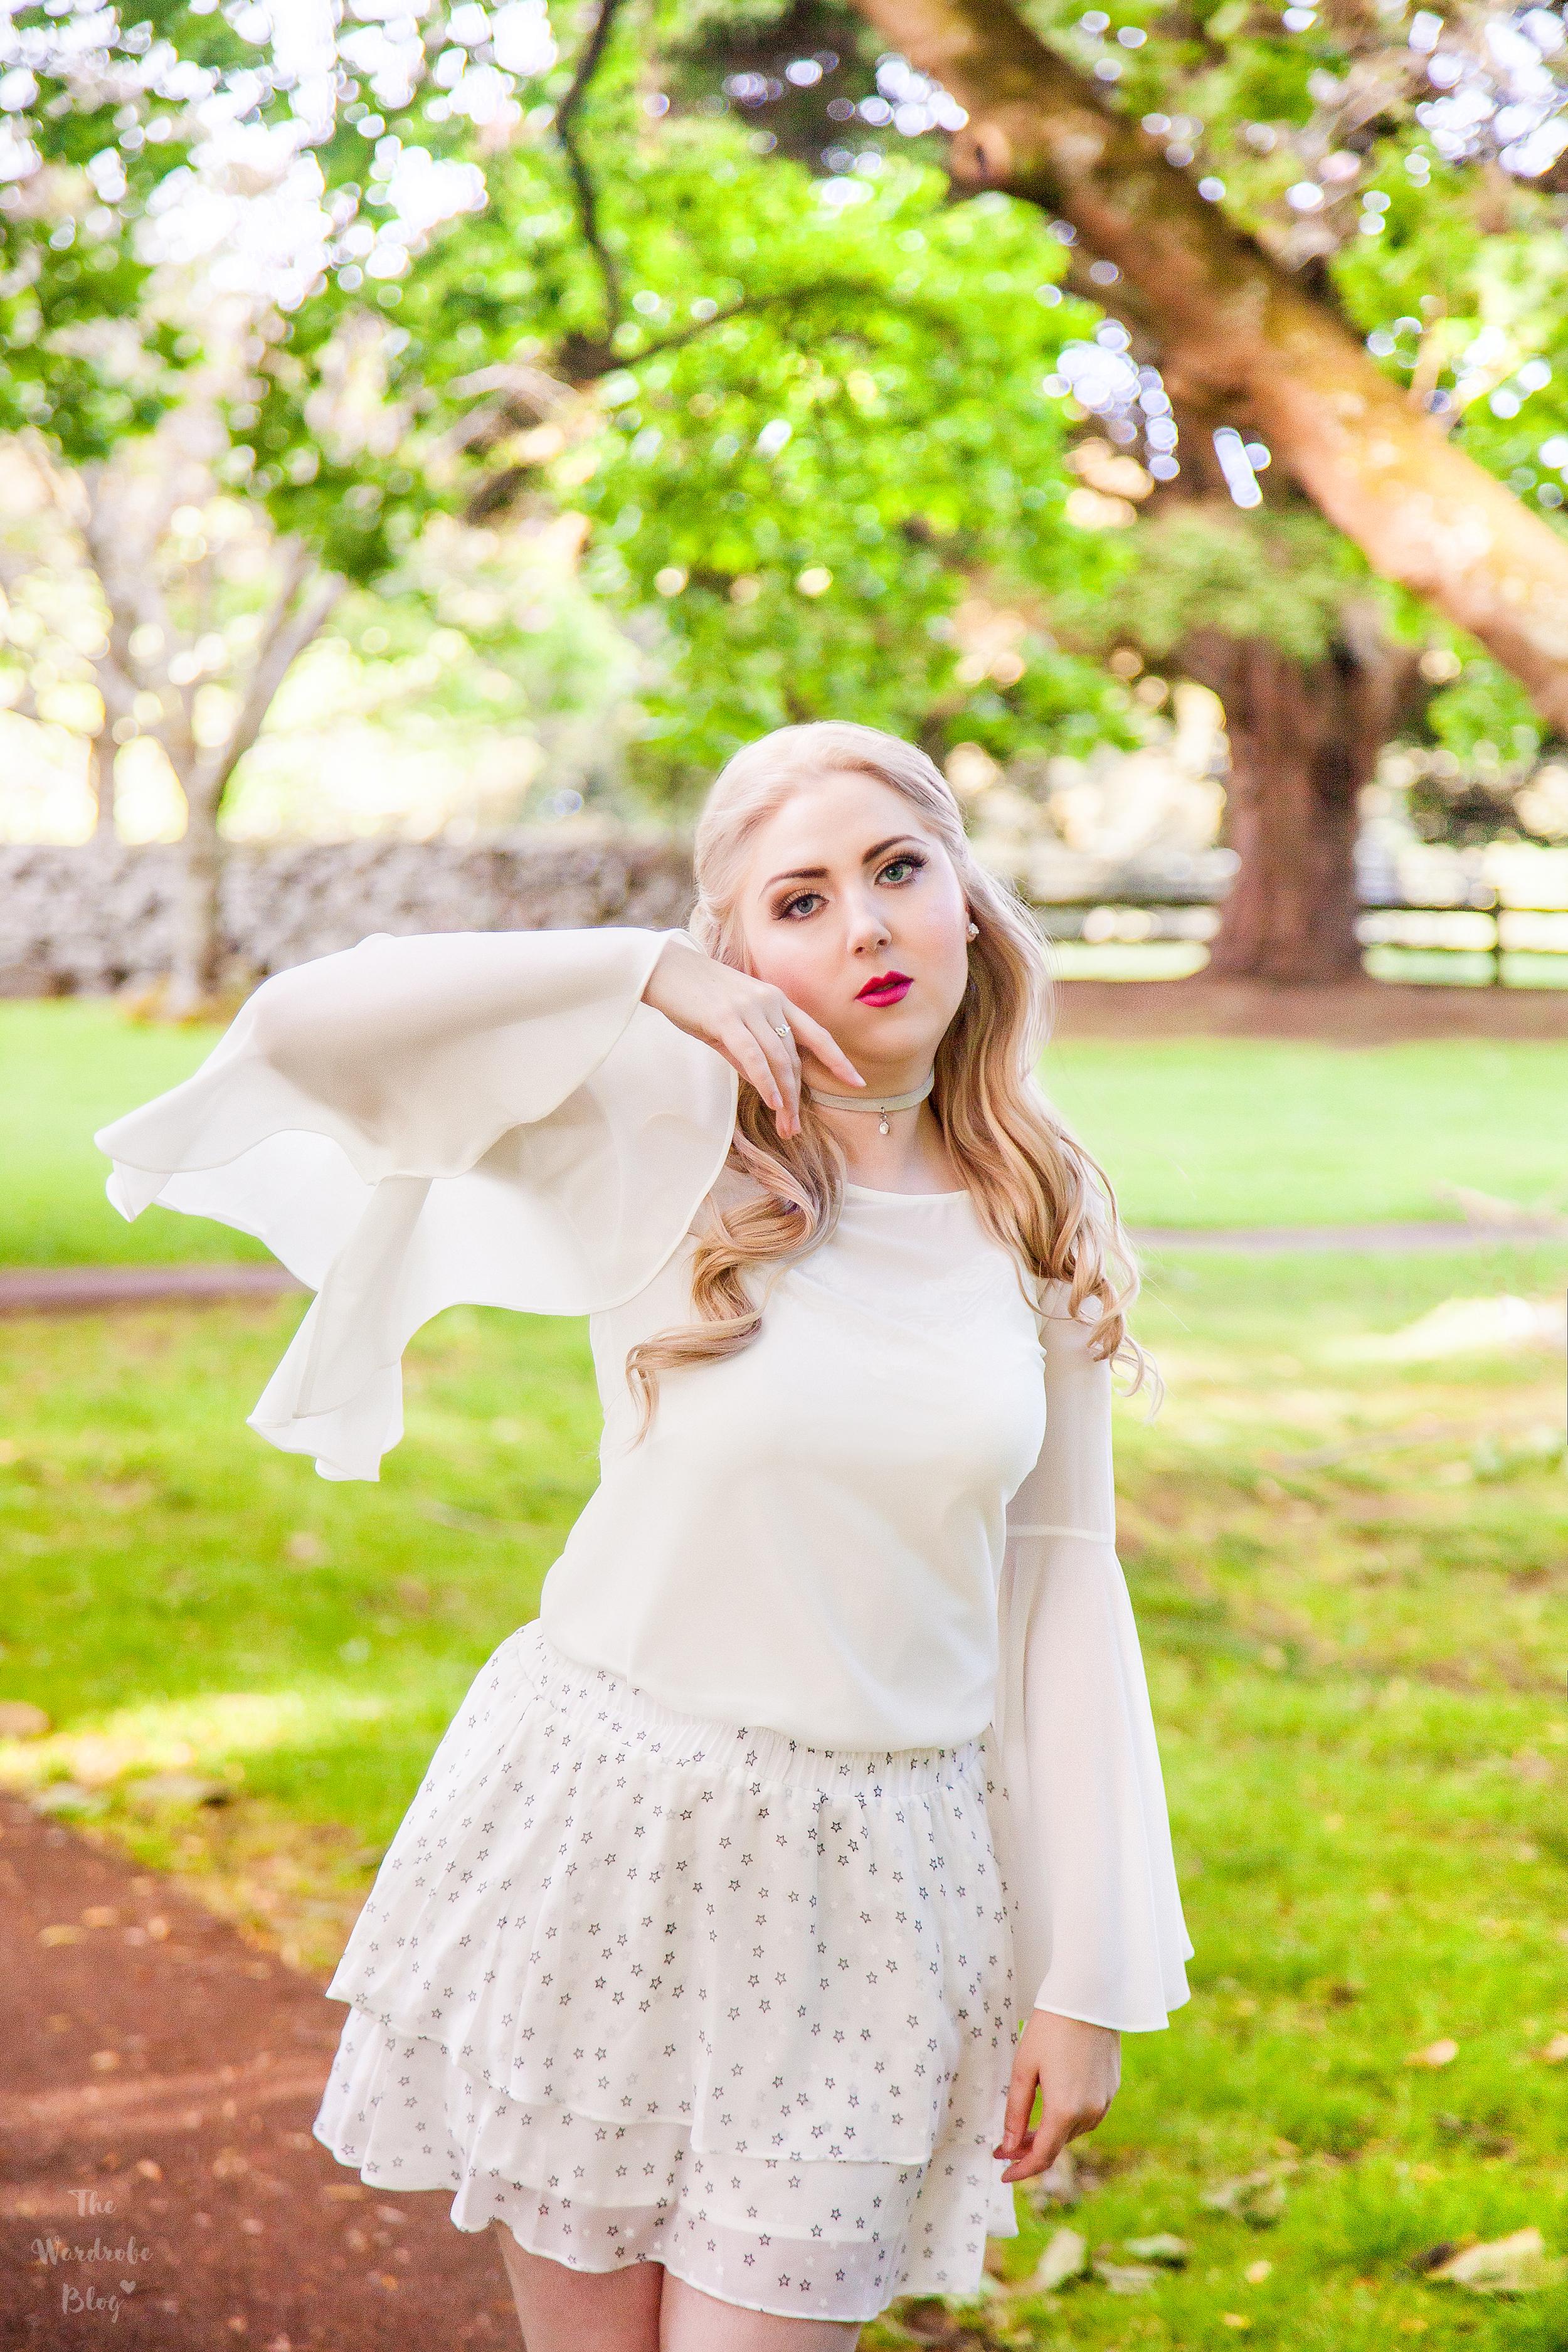 Pia-Boutique-White-Blouse-The-Wardrobe